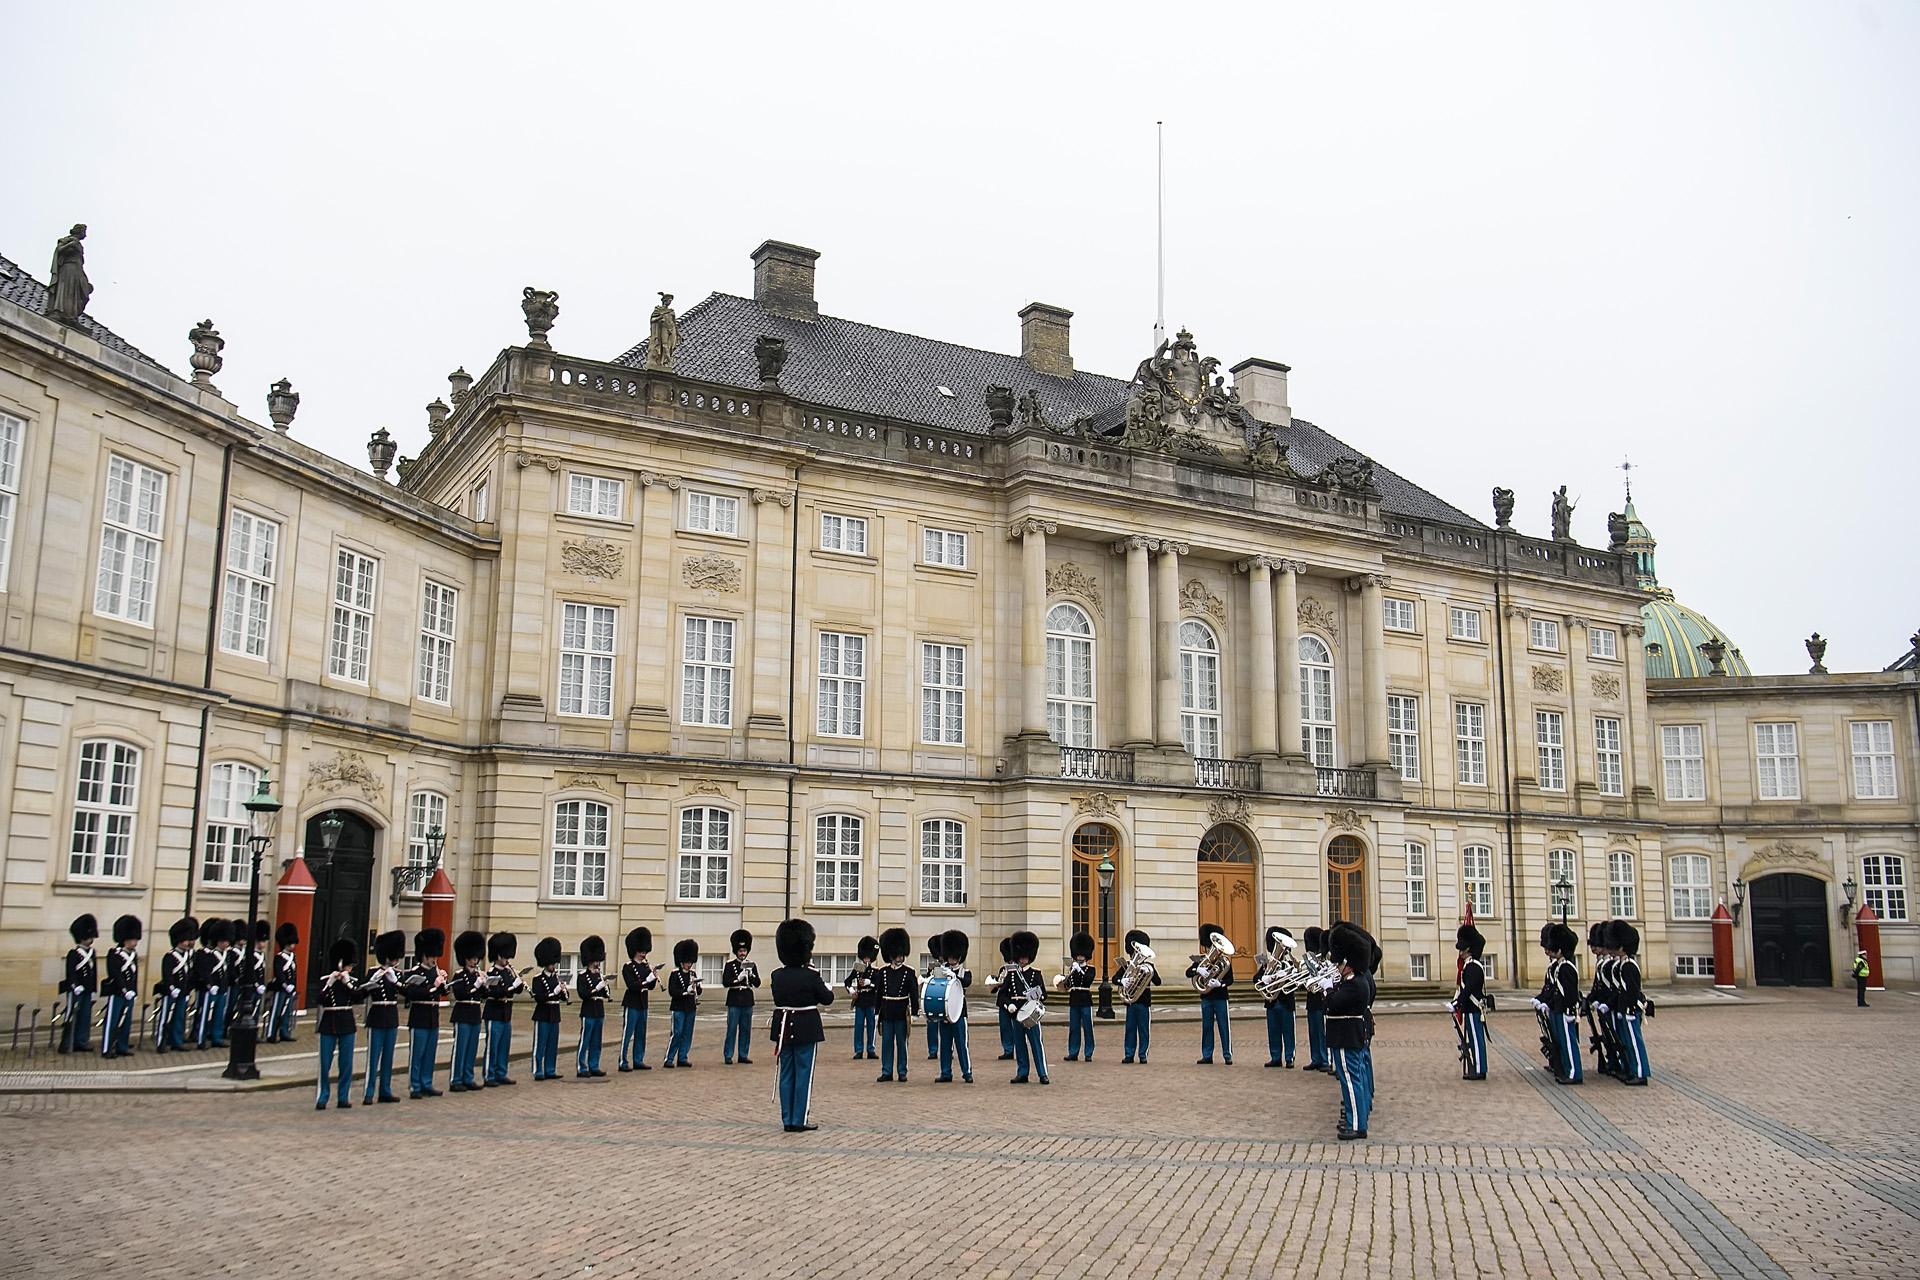 A dán királyi család rezidenciája